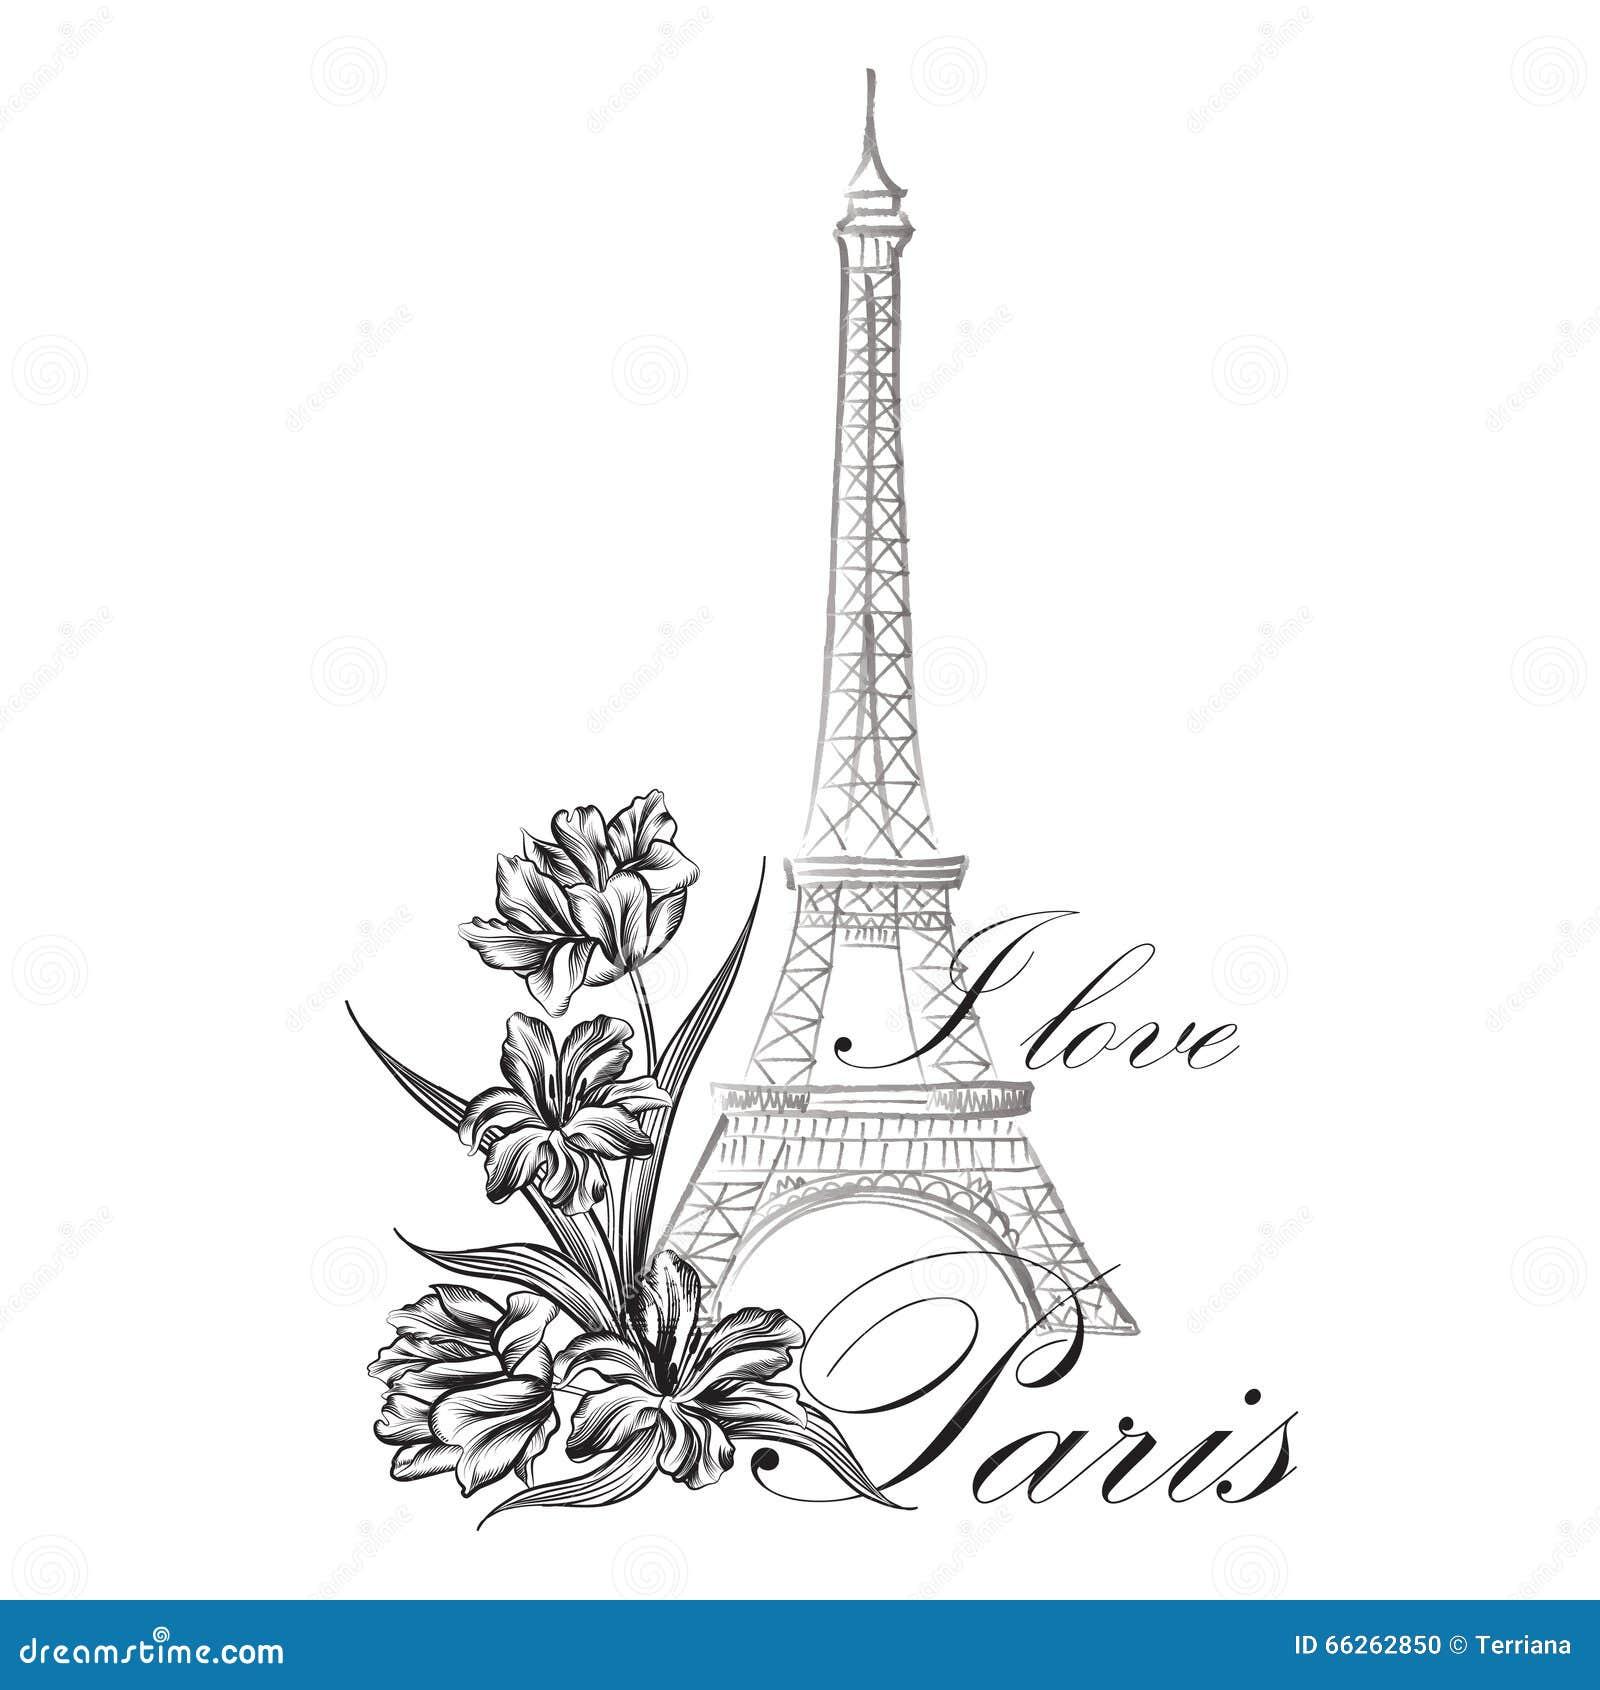 Paris Illustration: Floral Paris Illustration Famous Paris Landmark Eiffil